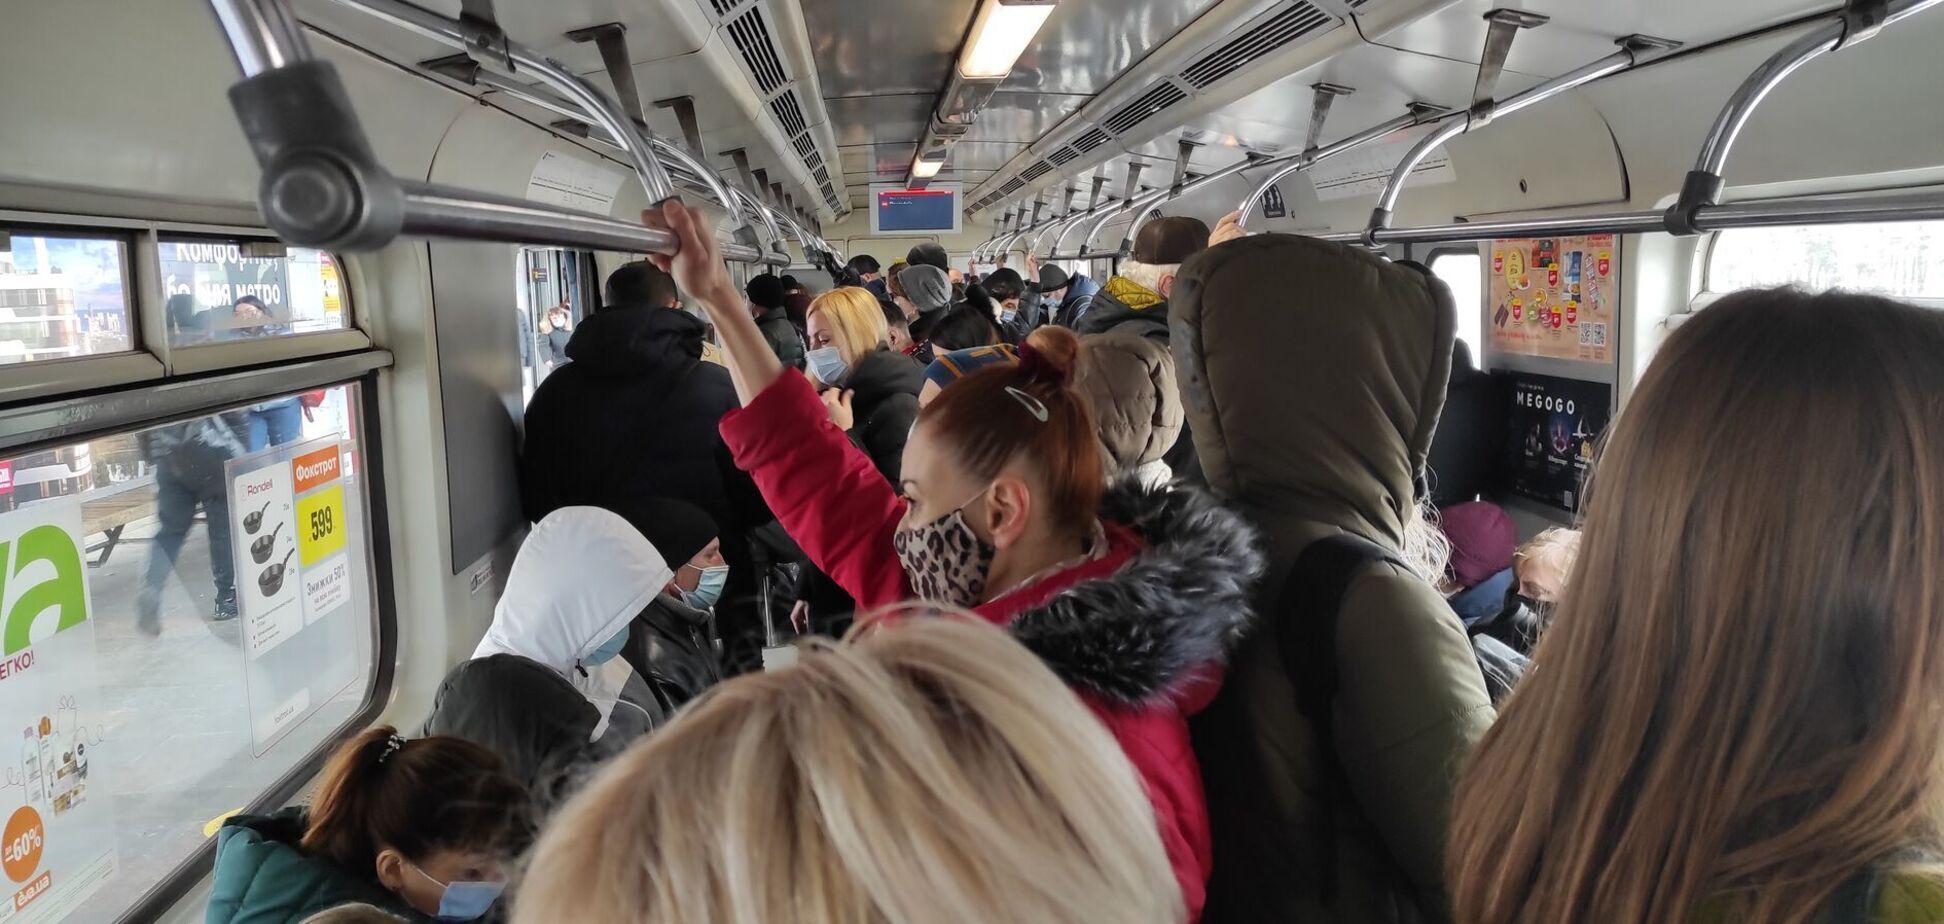 В Киеве общественный транспорт будет работать с ограничениями – КГГА